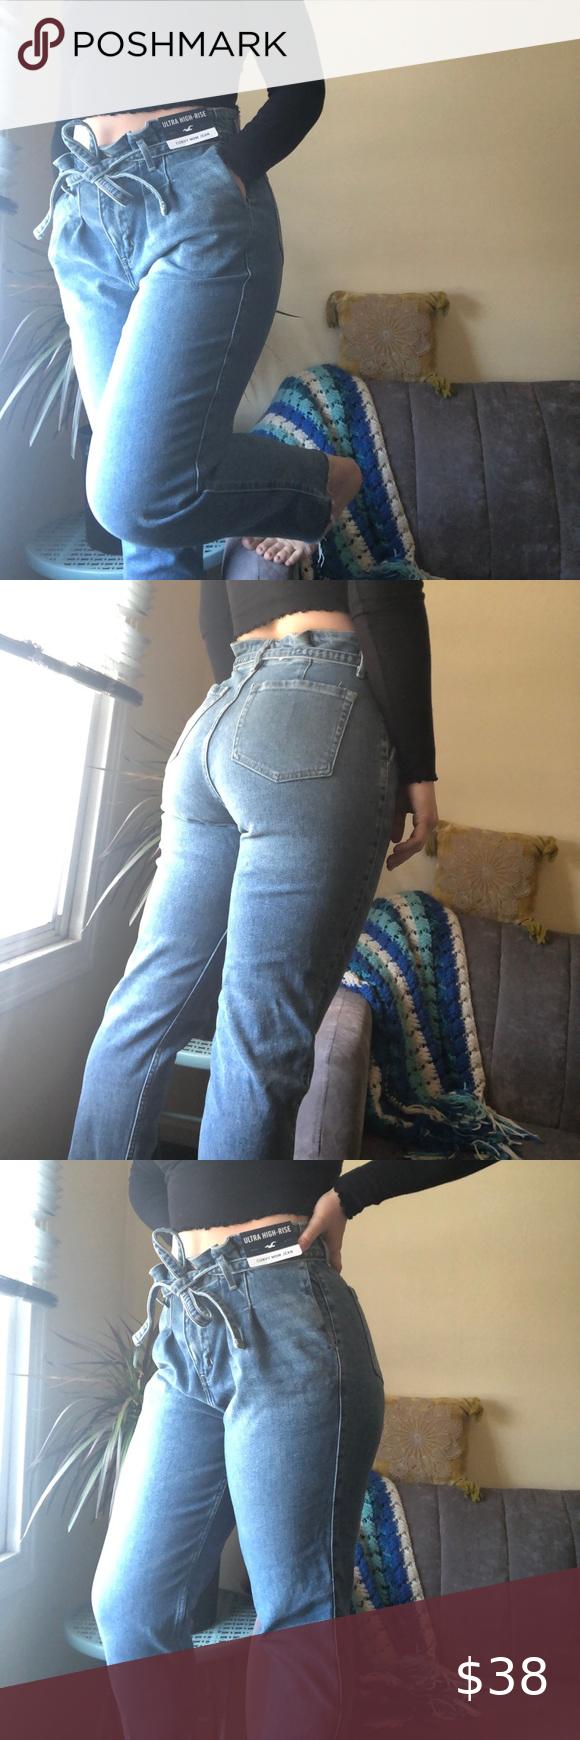 Curvy mom pics